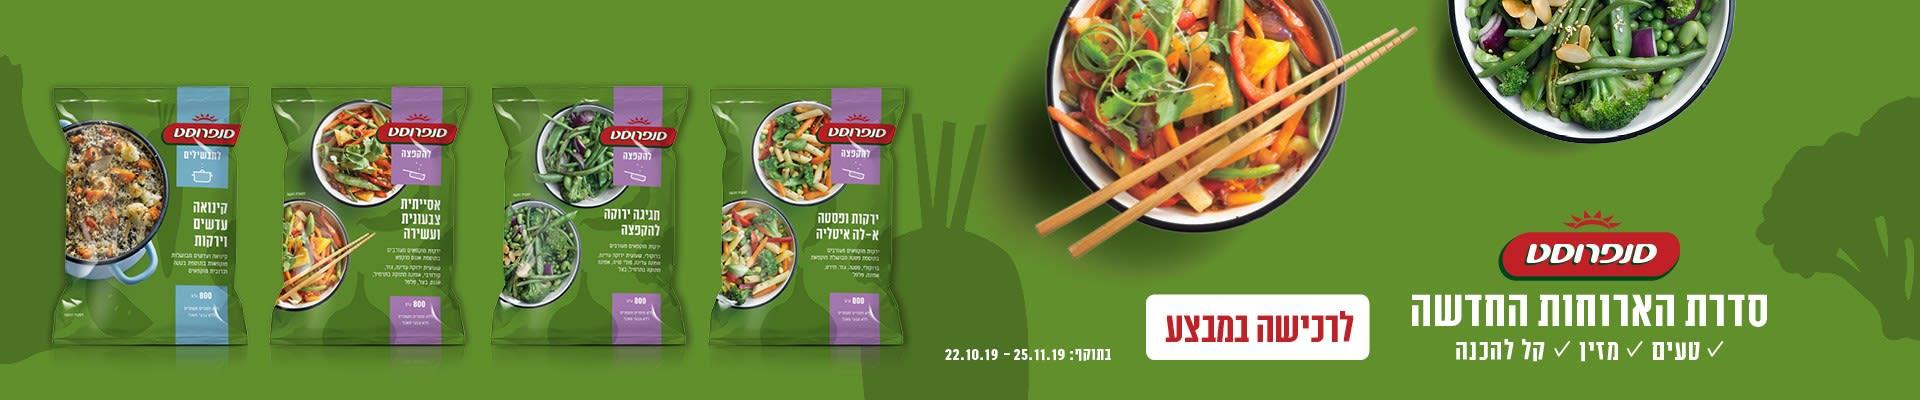 סנפרוסט סדרת הארוחות החדשה. טעי, מזין, קל להכנה. לרכישה במבצע בתוקף: 22.10.19-25.11.19.